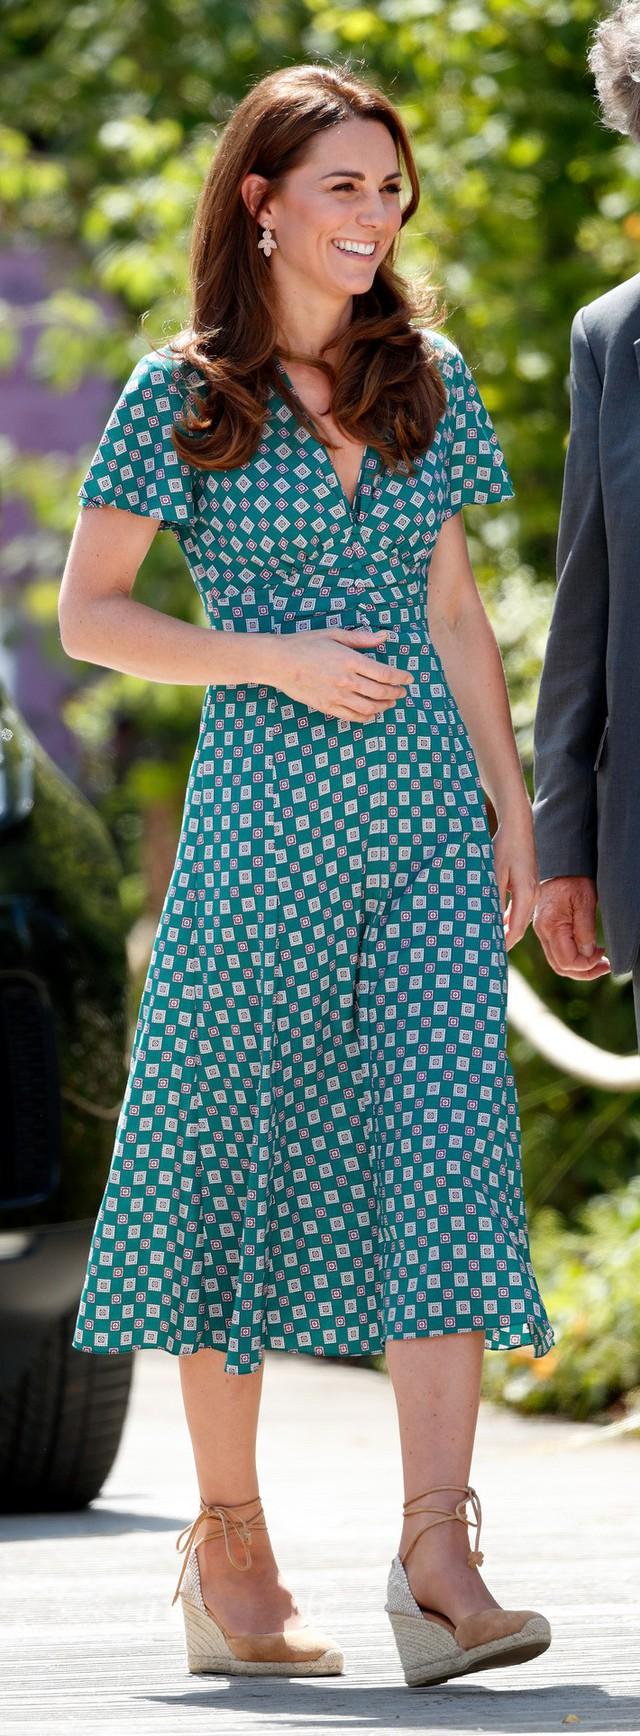 Diện váy vintage như công nương Kate Middleton, bạn đã biết cách chưa? - Ảnh 2.